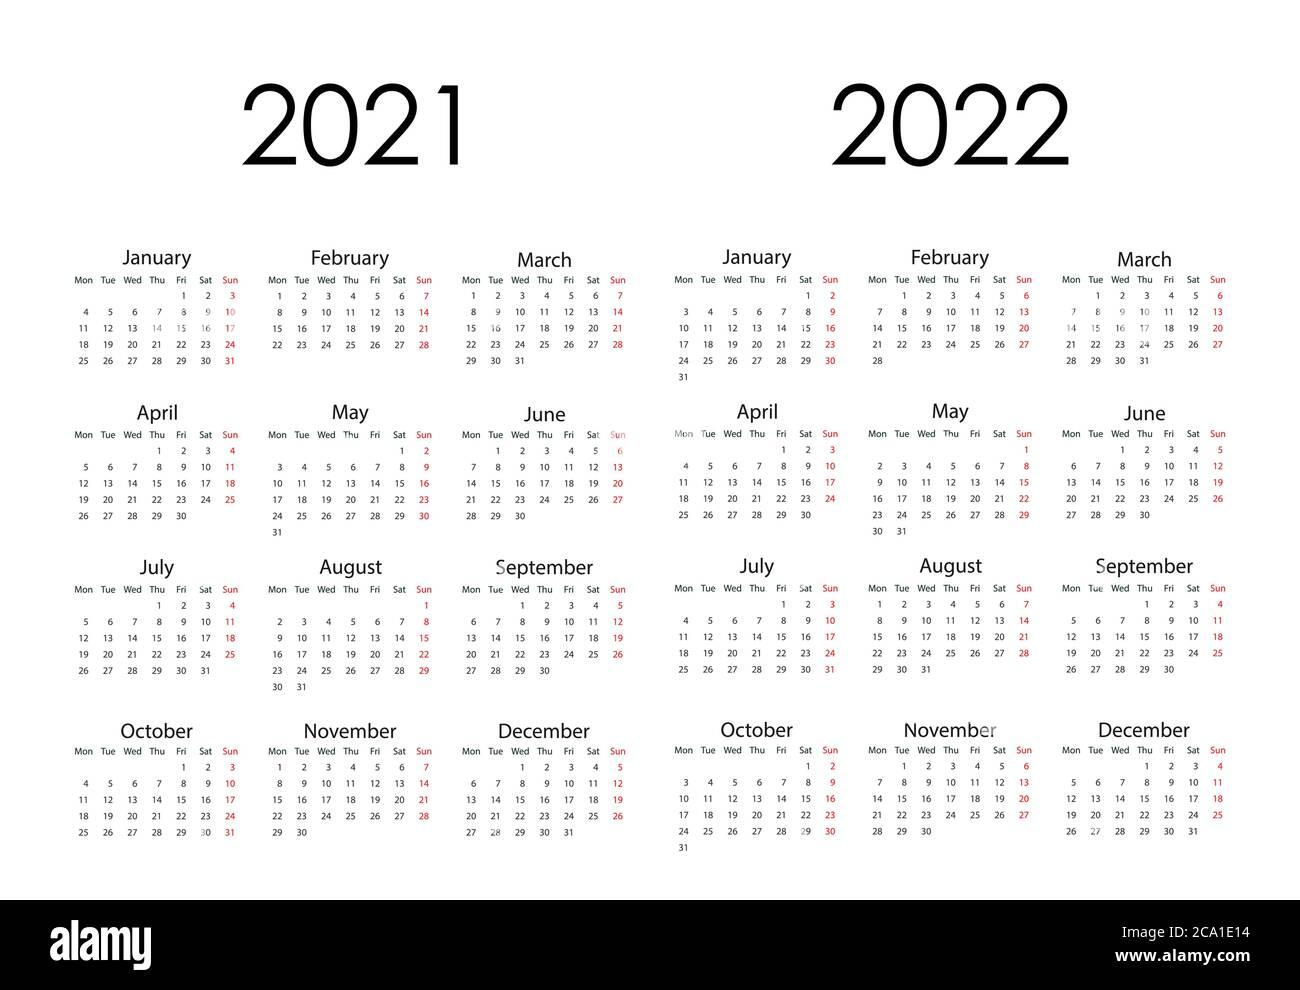 Calendario 2021-2022-2021 Calendario 2021 2022 Imágenes recortadas de stock   Alamy